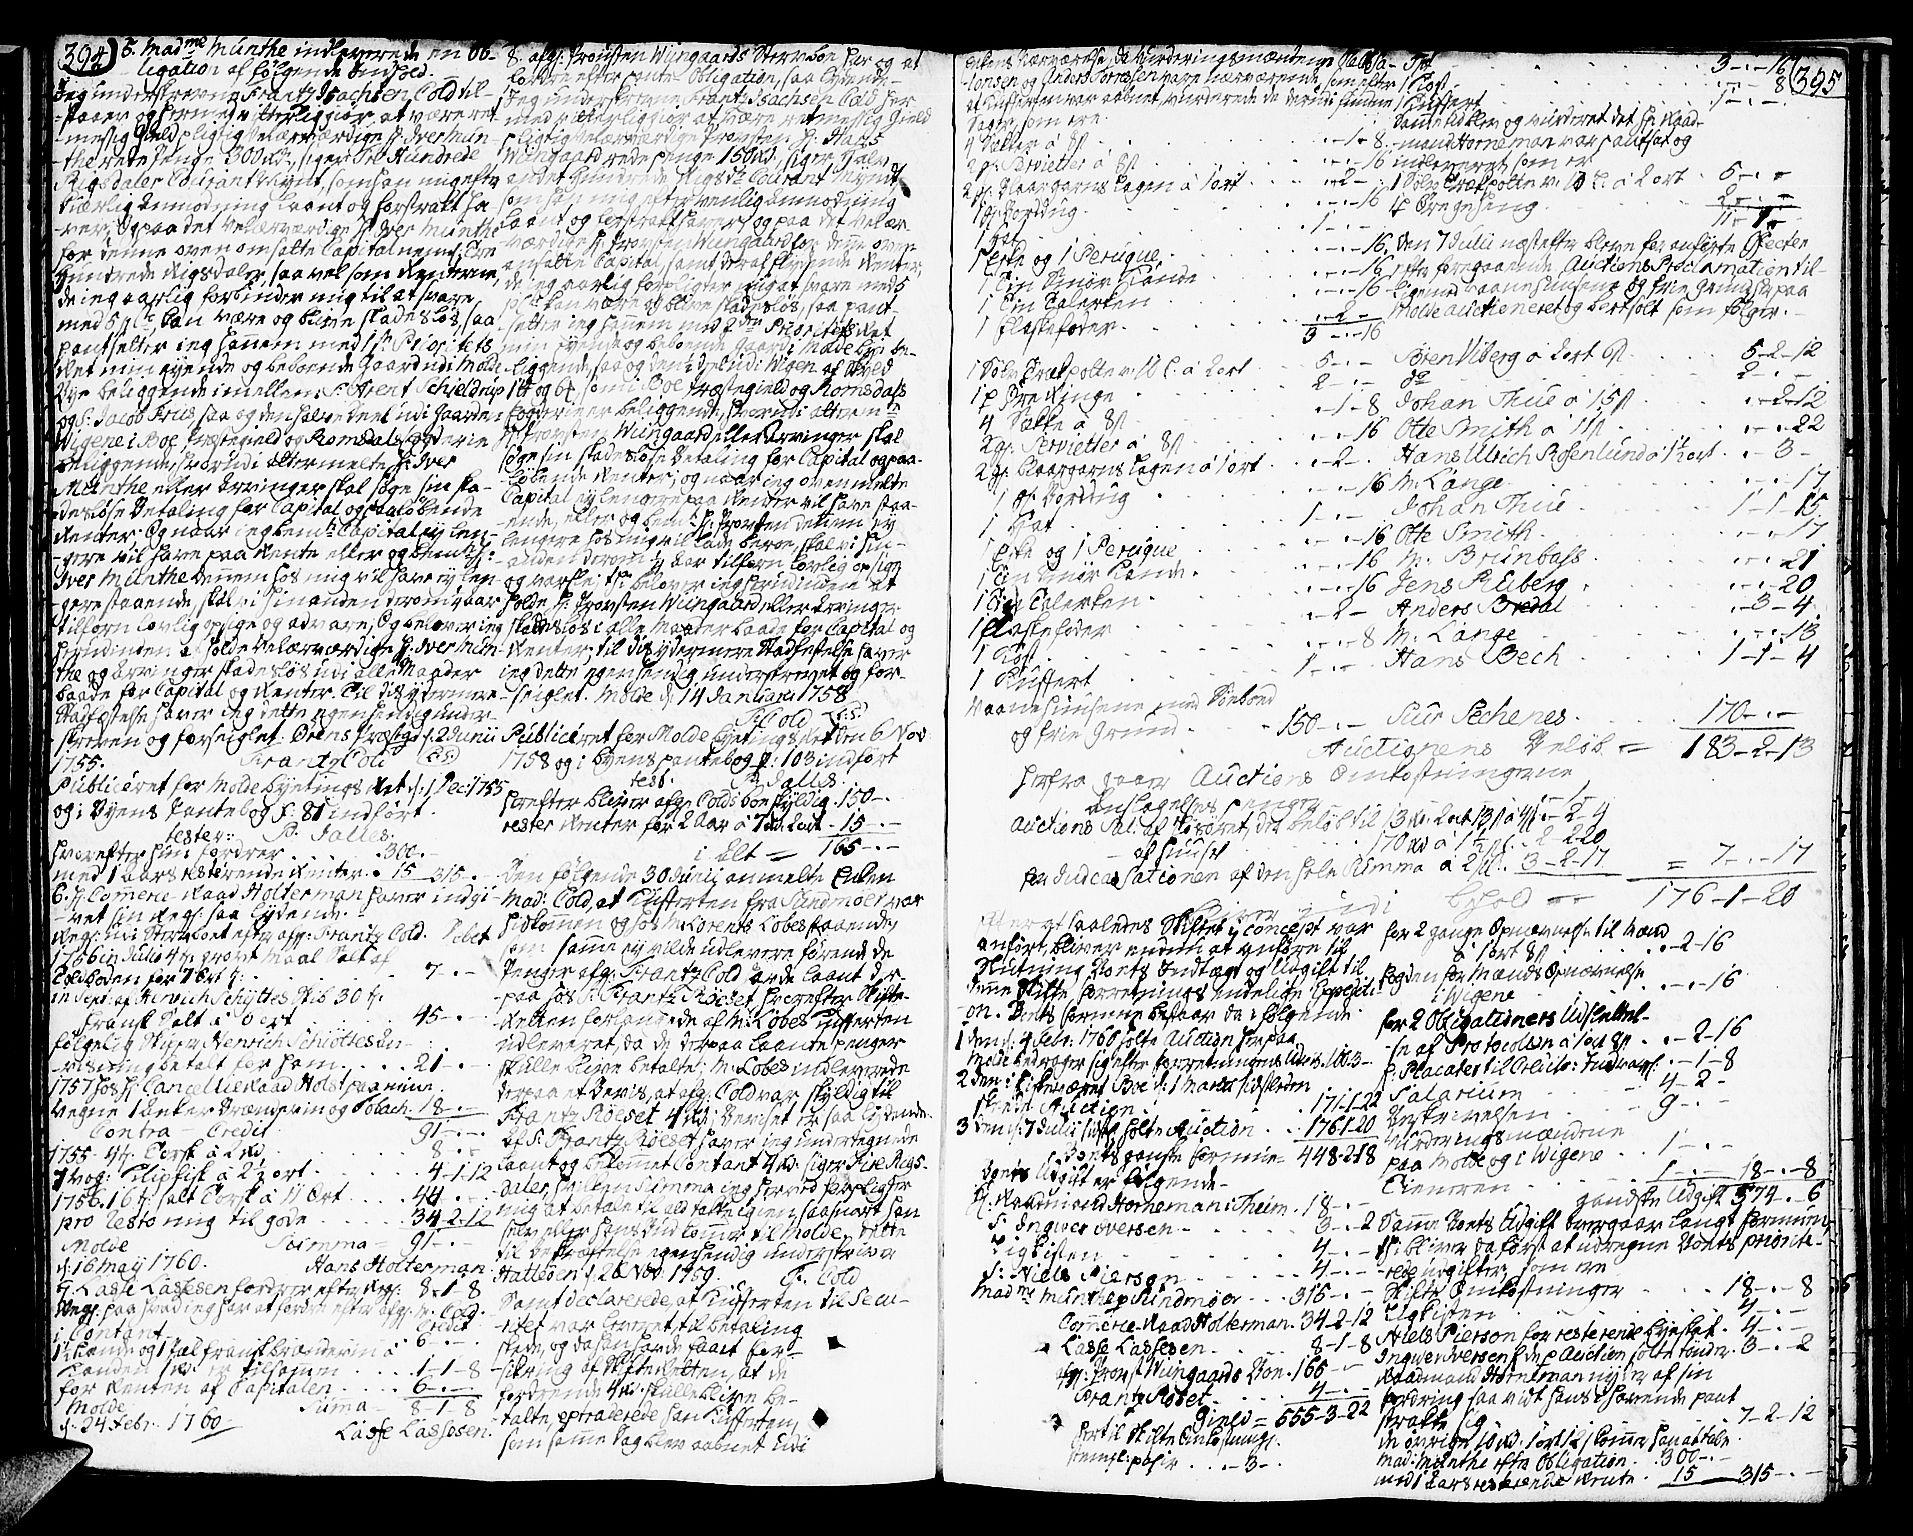 SAT, Molde byfogd, 3/3Aa/L0001: Skifteprotokoll, 1748-1768, s. 394-395